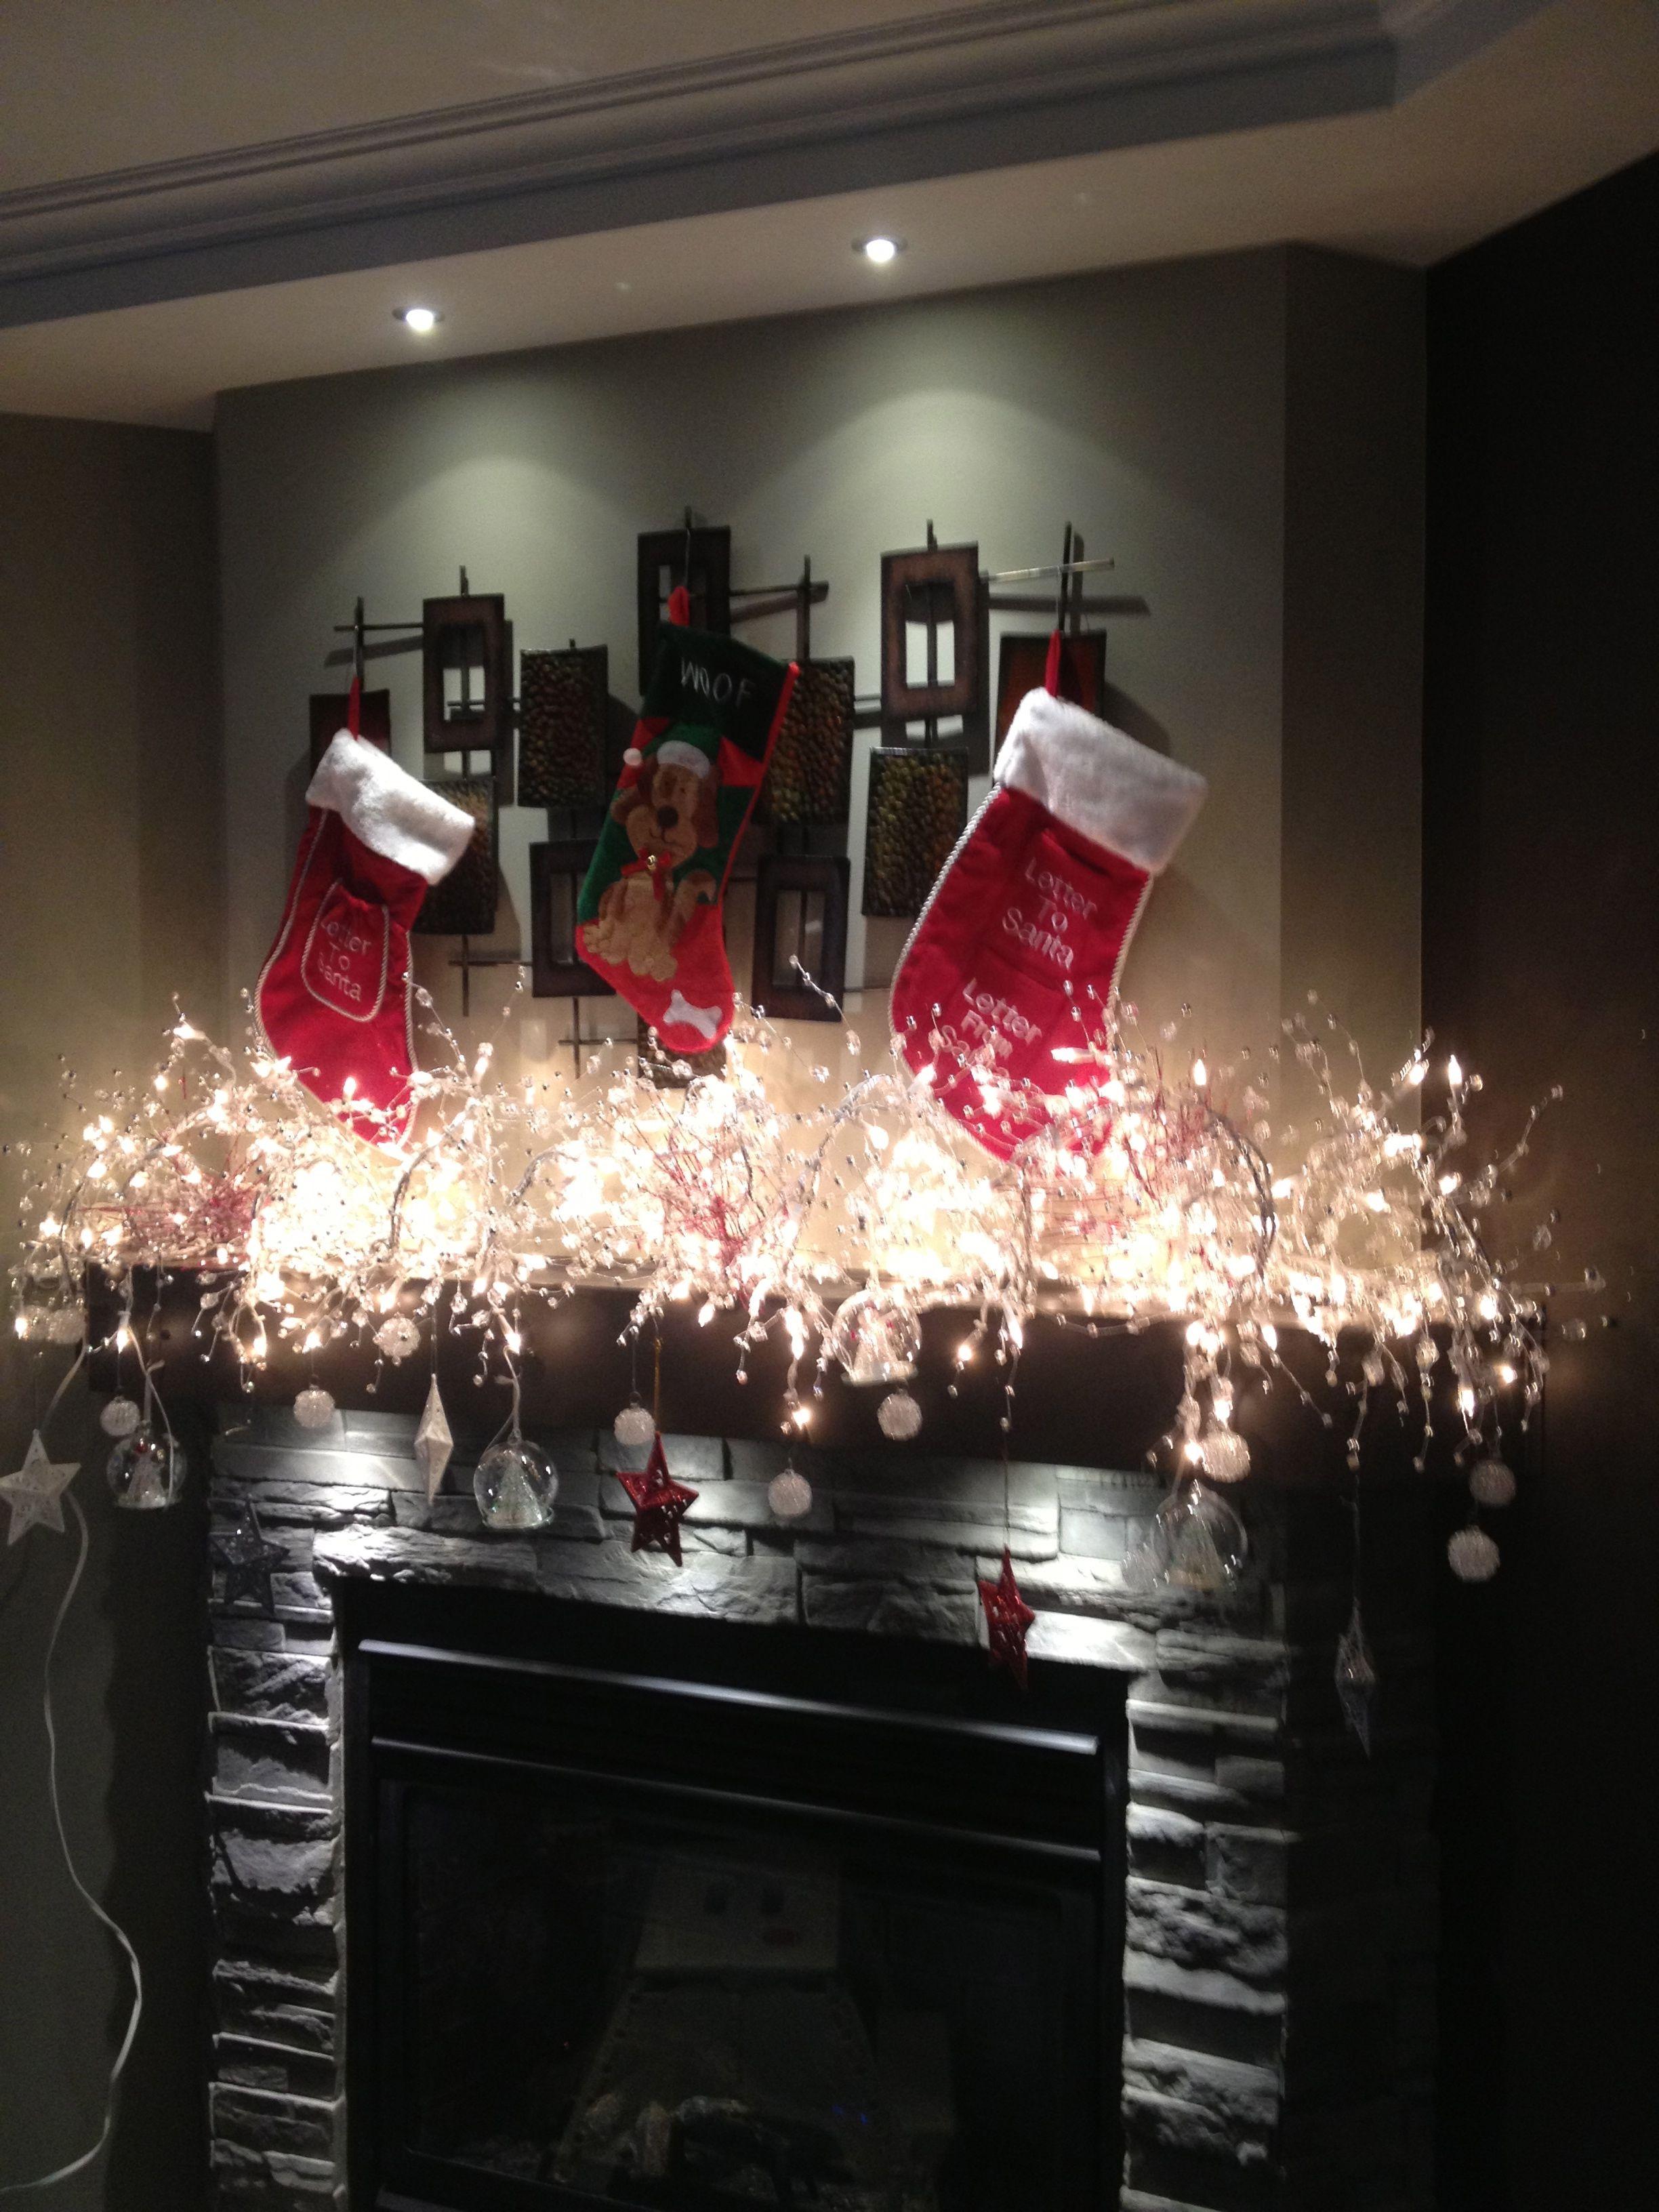 Magnifique Manteau Foyer De Noel D 201 Cor 201 Avec Les Lumieres